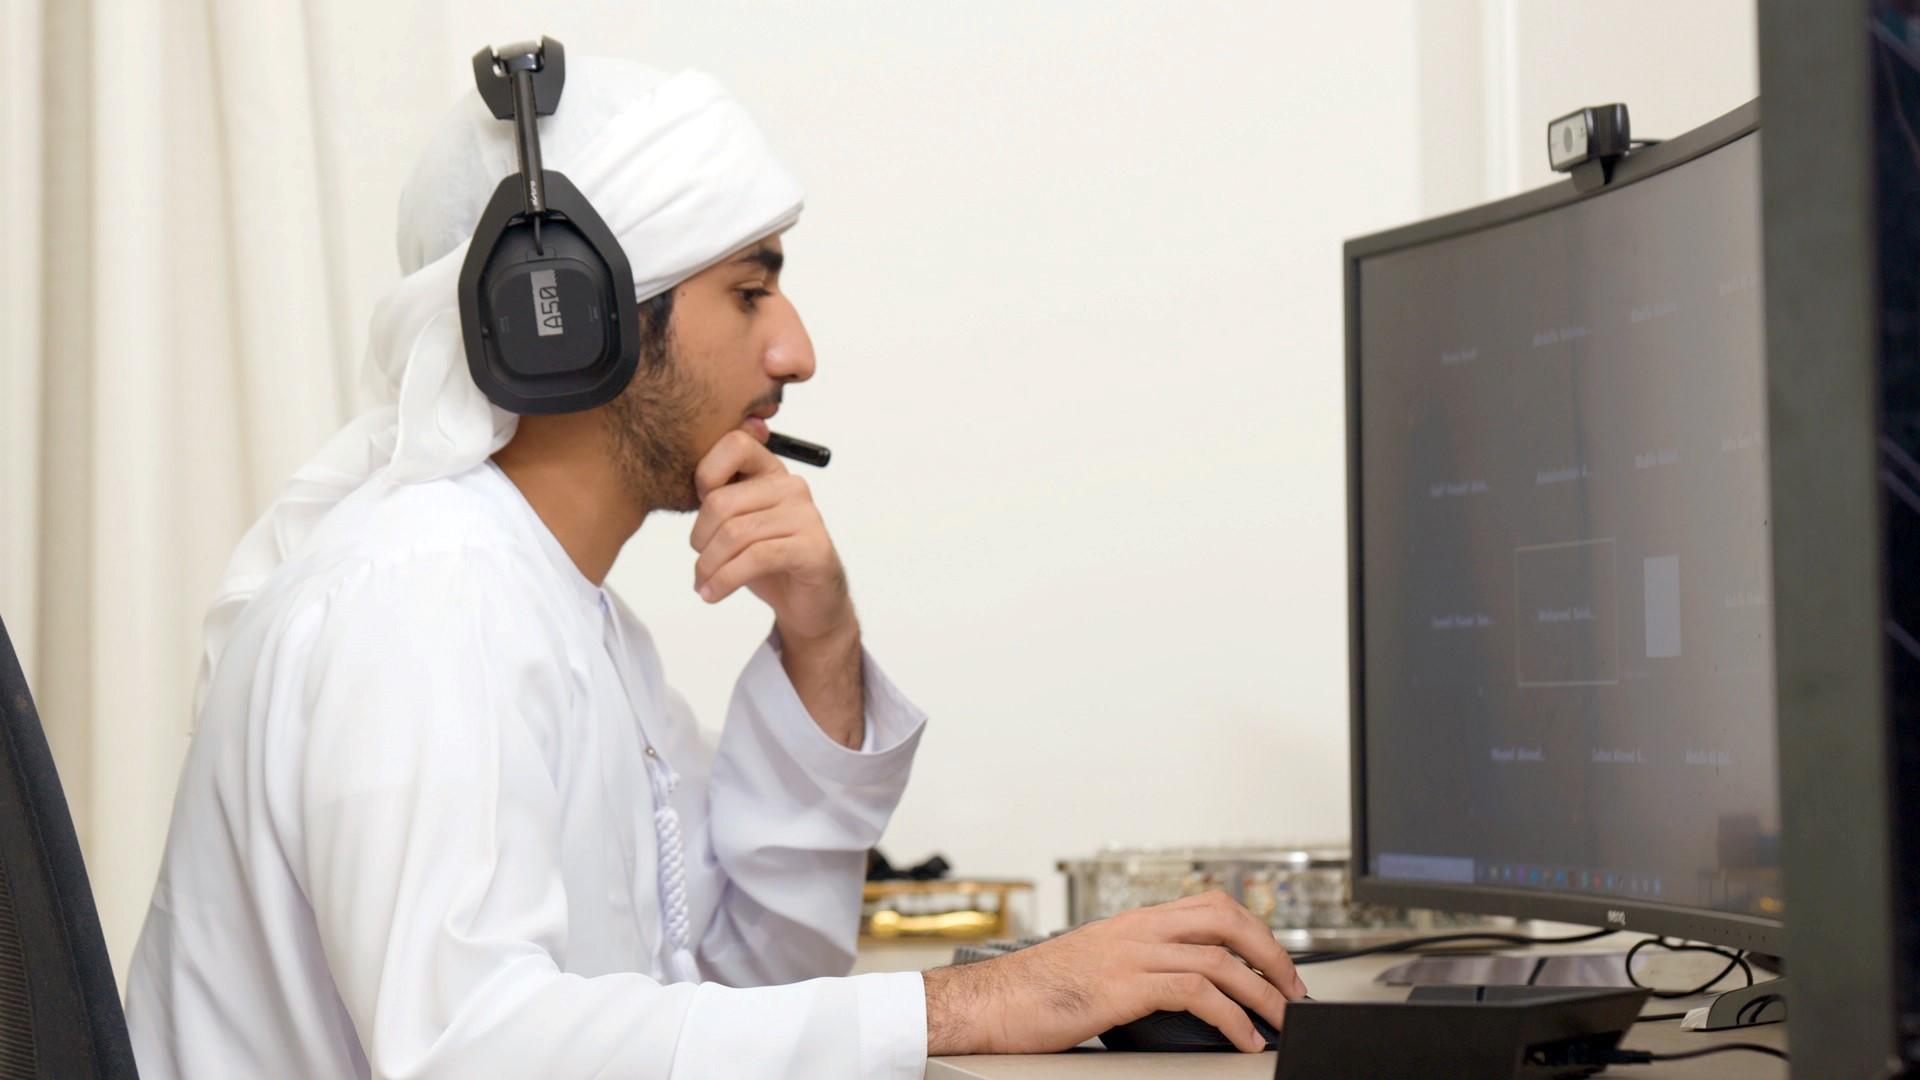 خليفة بن طحنون : حريصون على تمكين أبناء الشهداء في مختلف مراحل التعليم